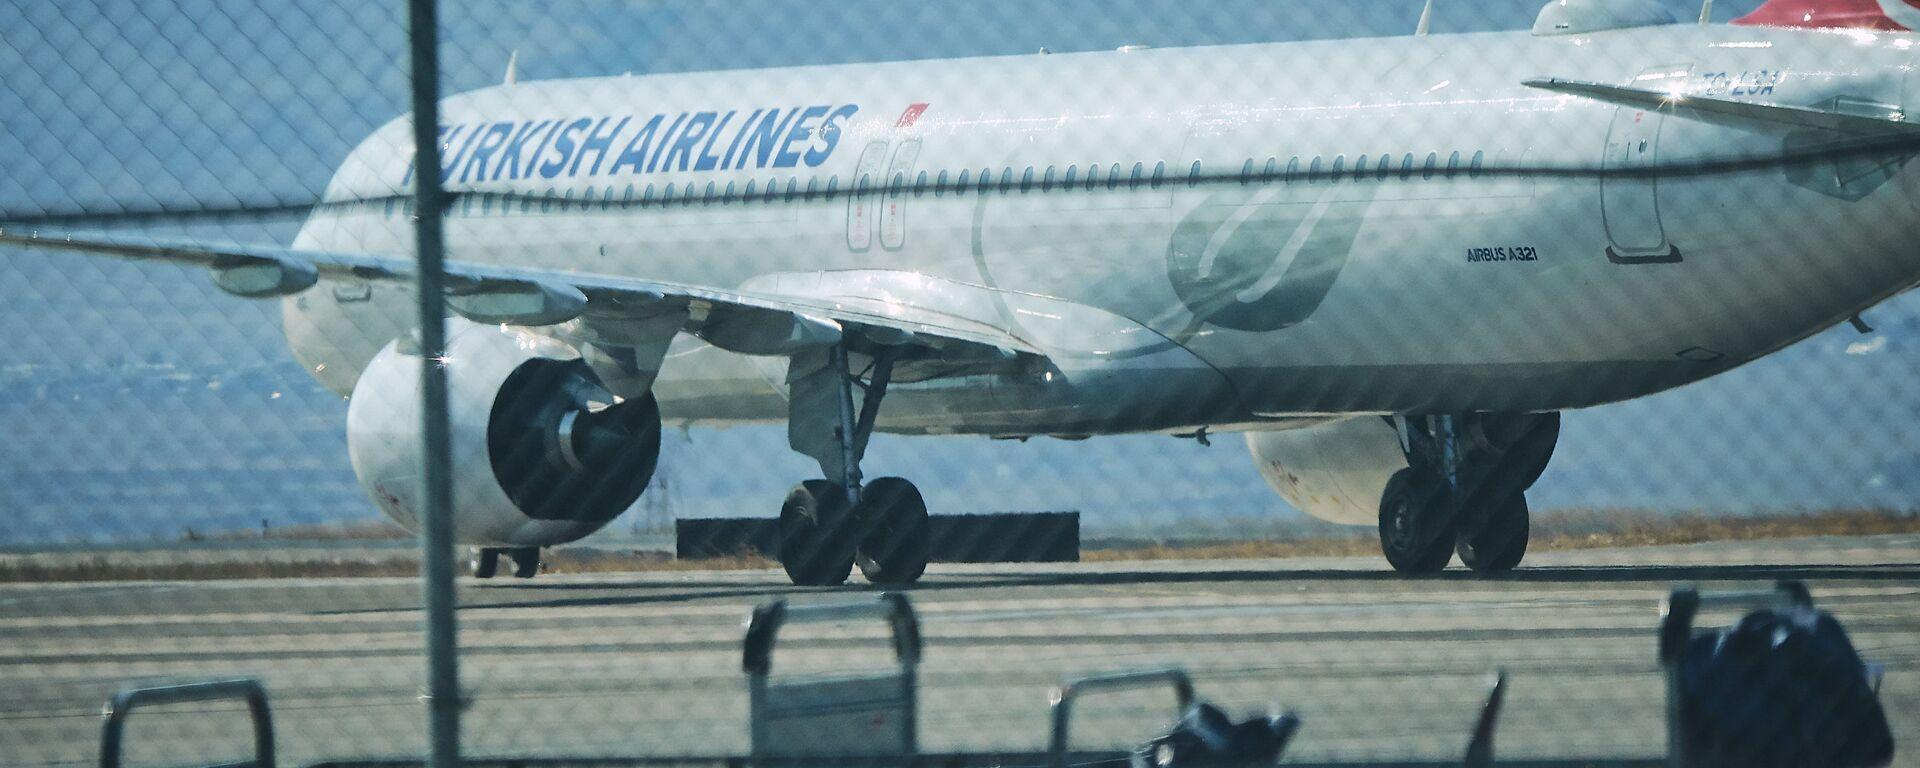 ავიაკომპანია Turkish Airlines-ის თვითმფრინავი - Sputnik საქართველო, 1920, 30.03.2021